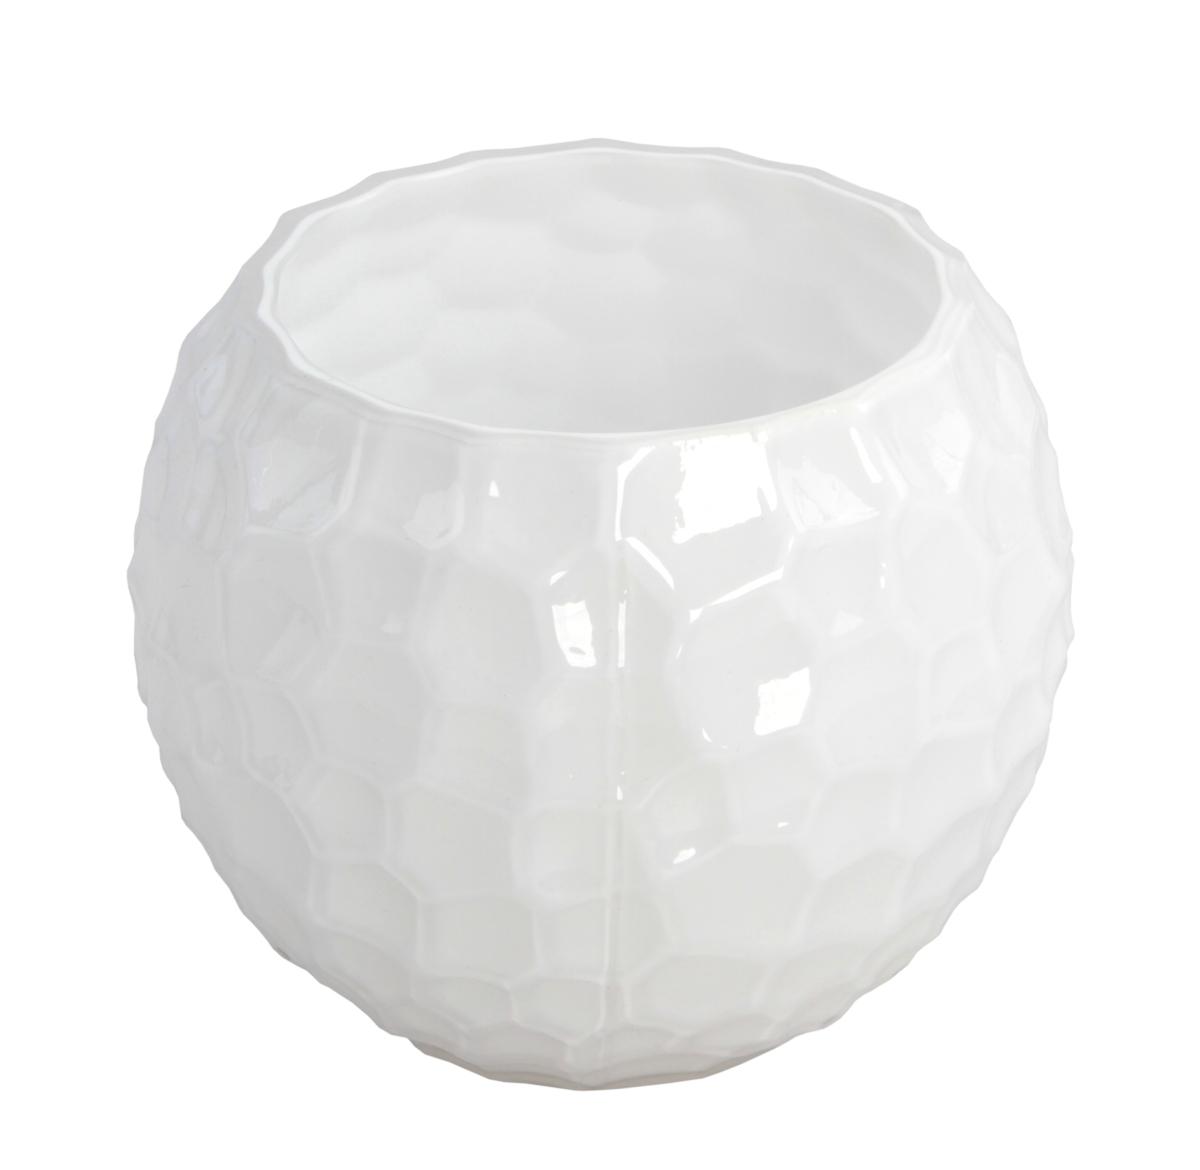 Skleněná váza/svícen, bílá